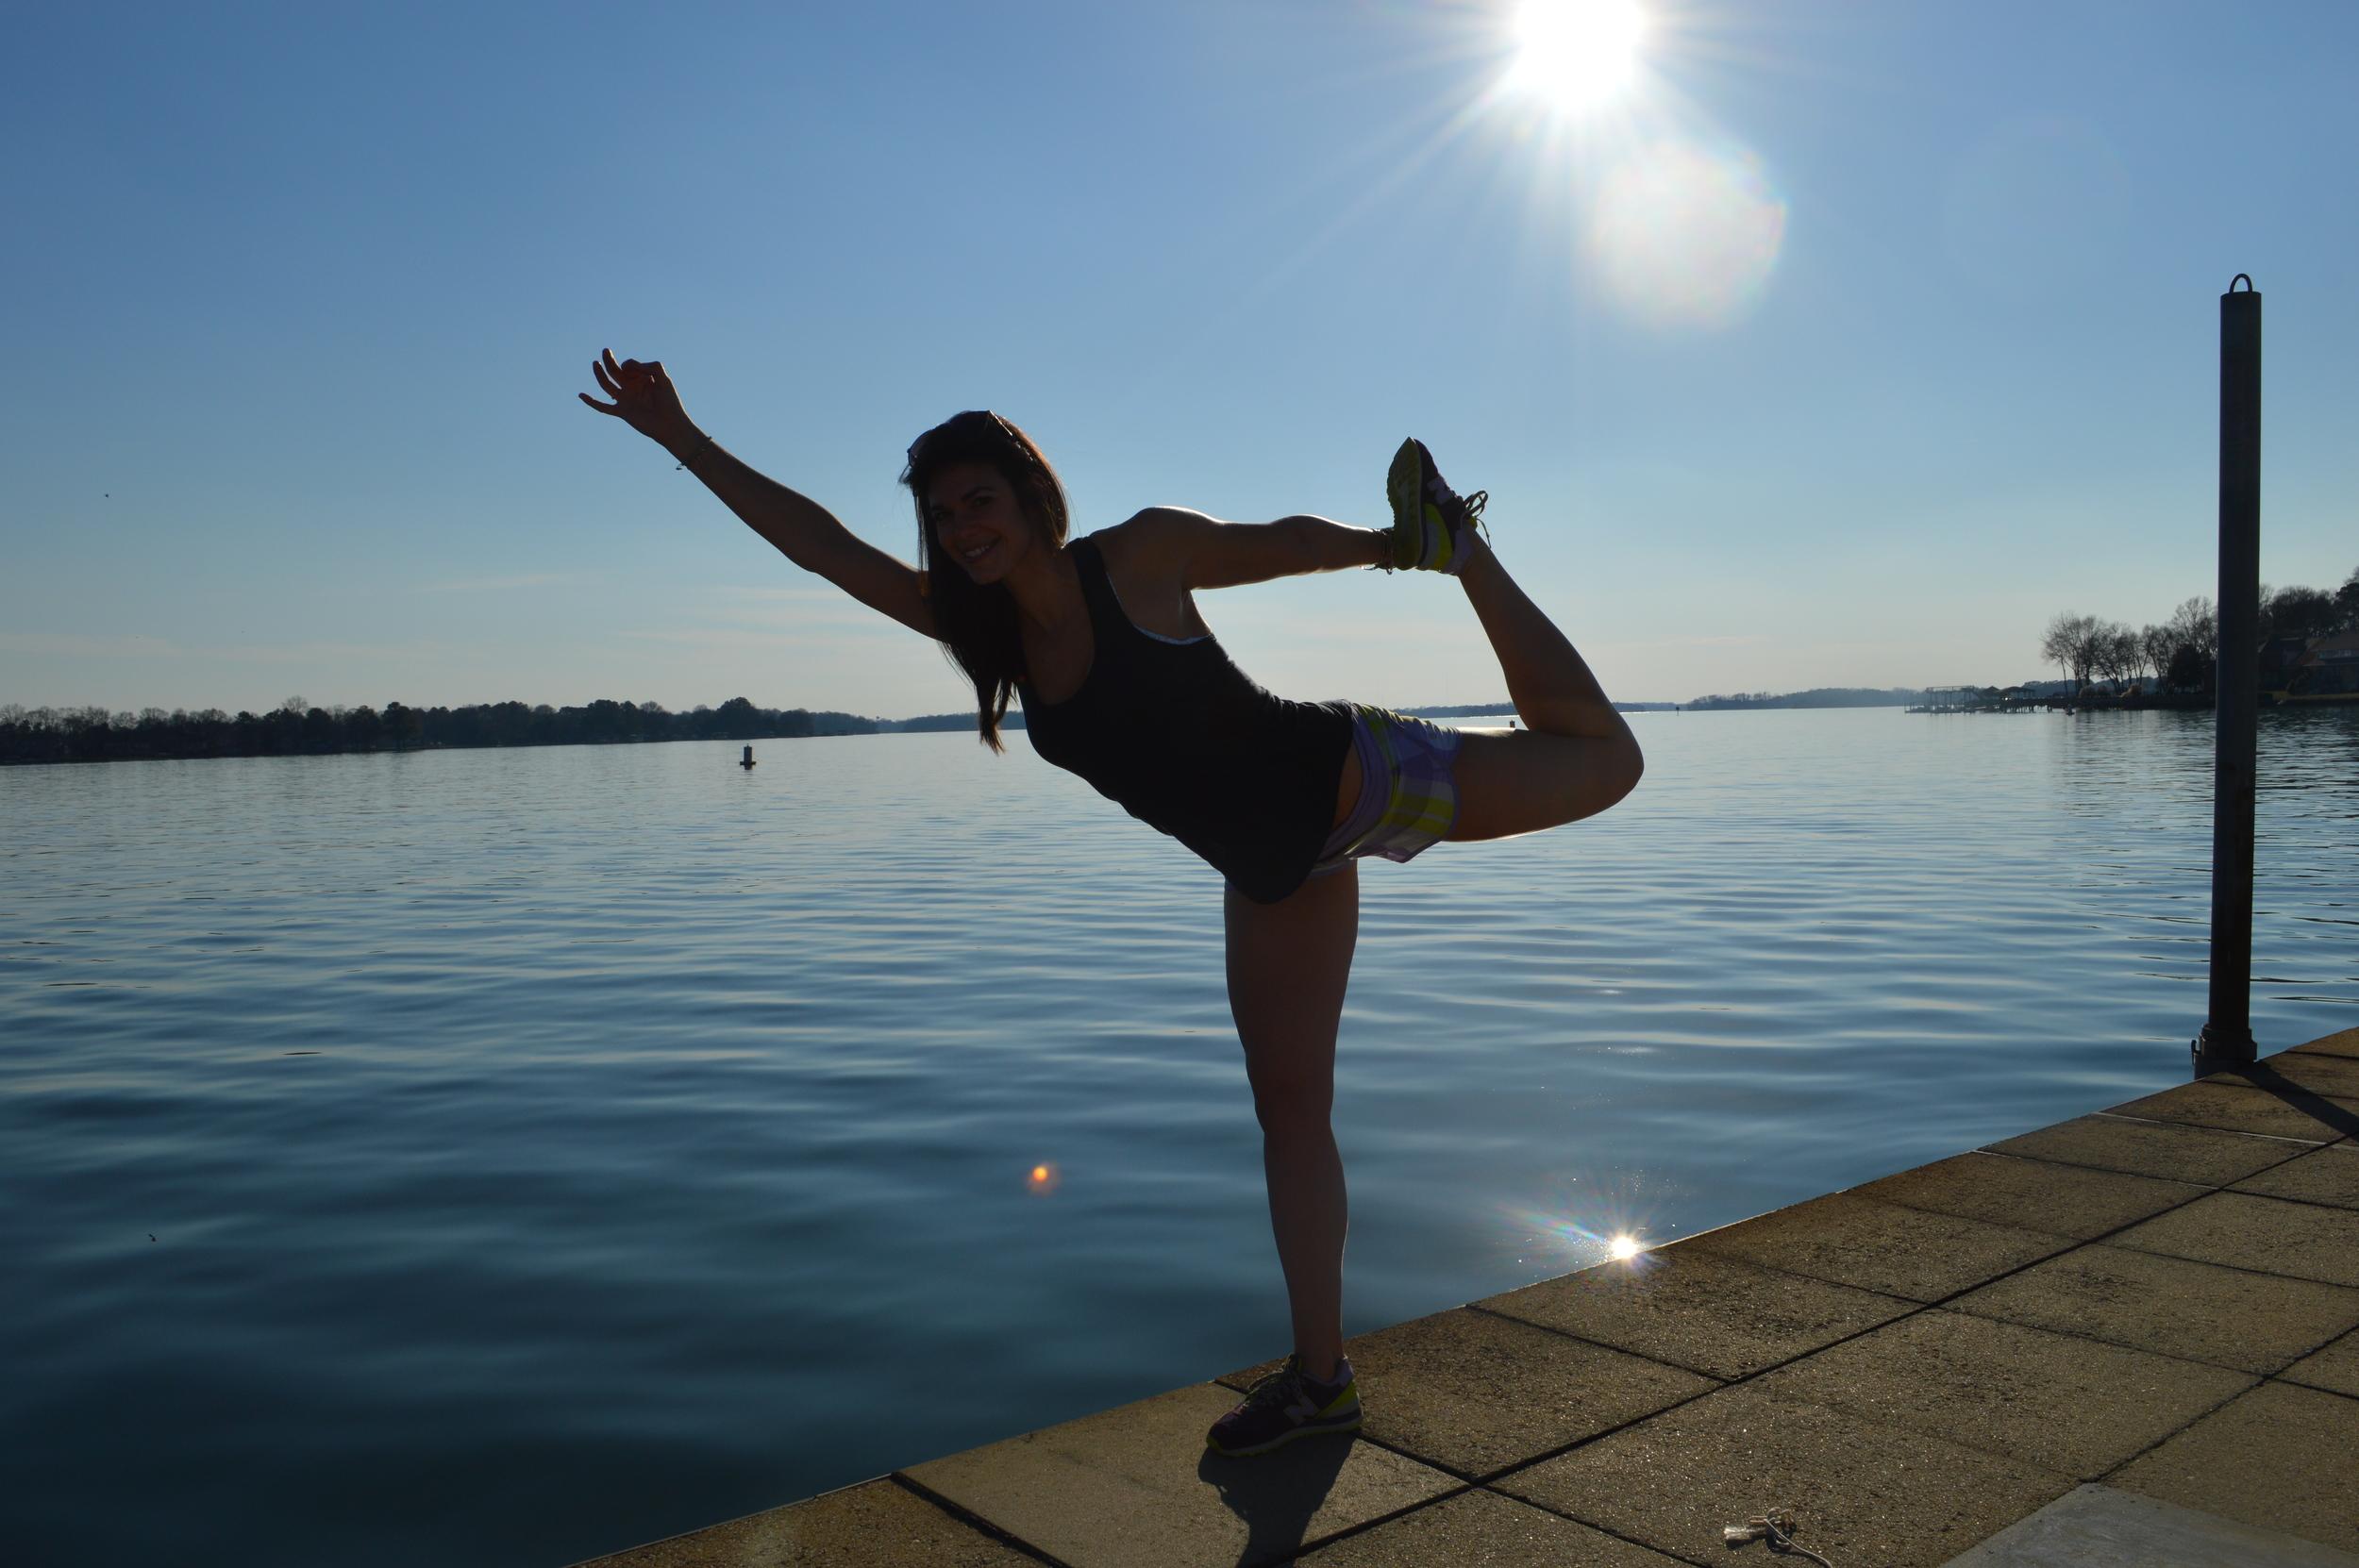 Dancer on the Water - lauren schwaiger